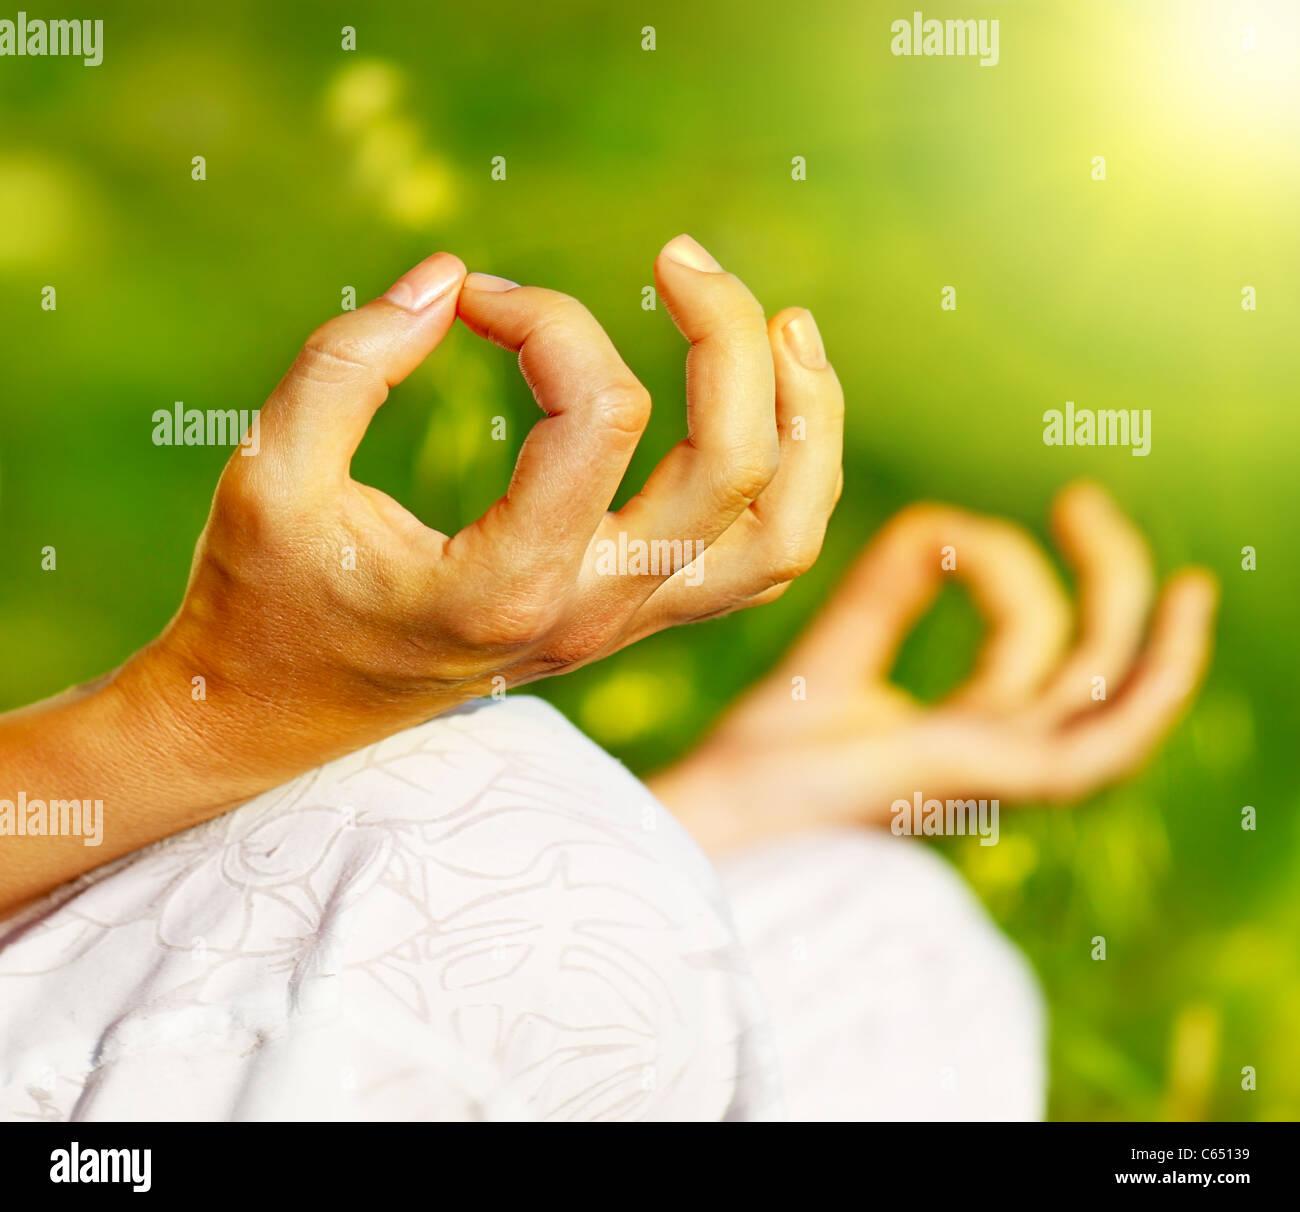 Yoga Meditation im Freien, gesunden Weibchen in Frieden, Seele und Geist Zen-Balance-Konzept Stockbild